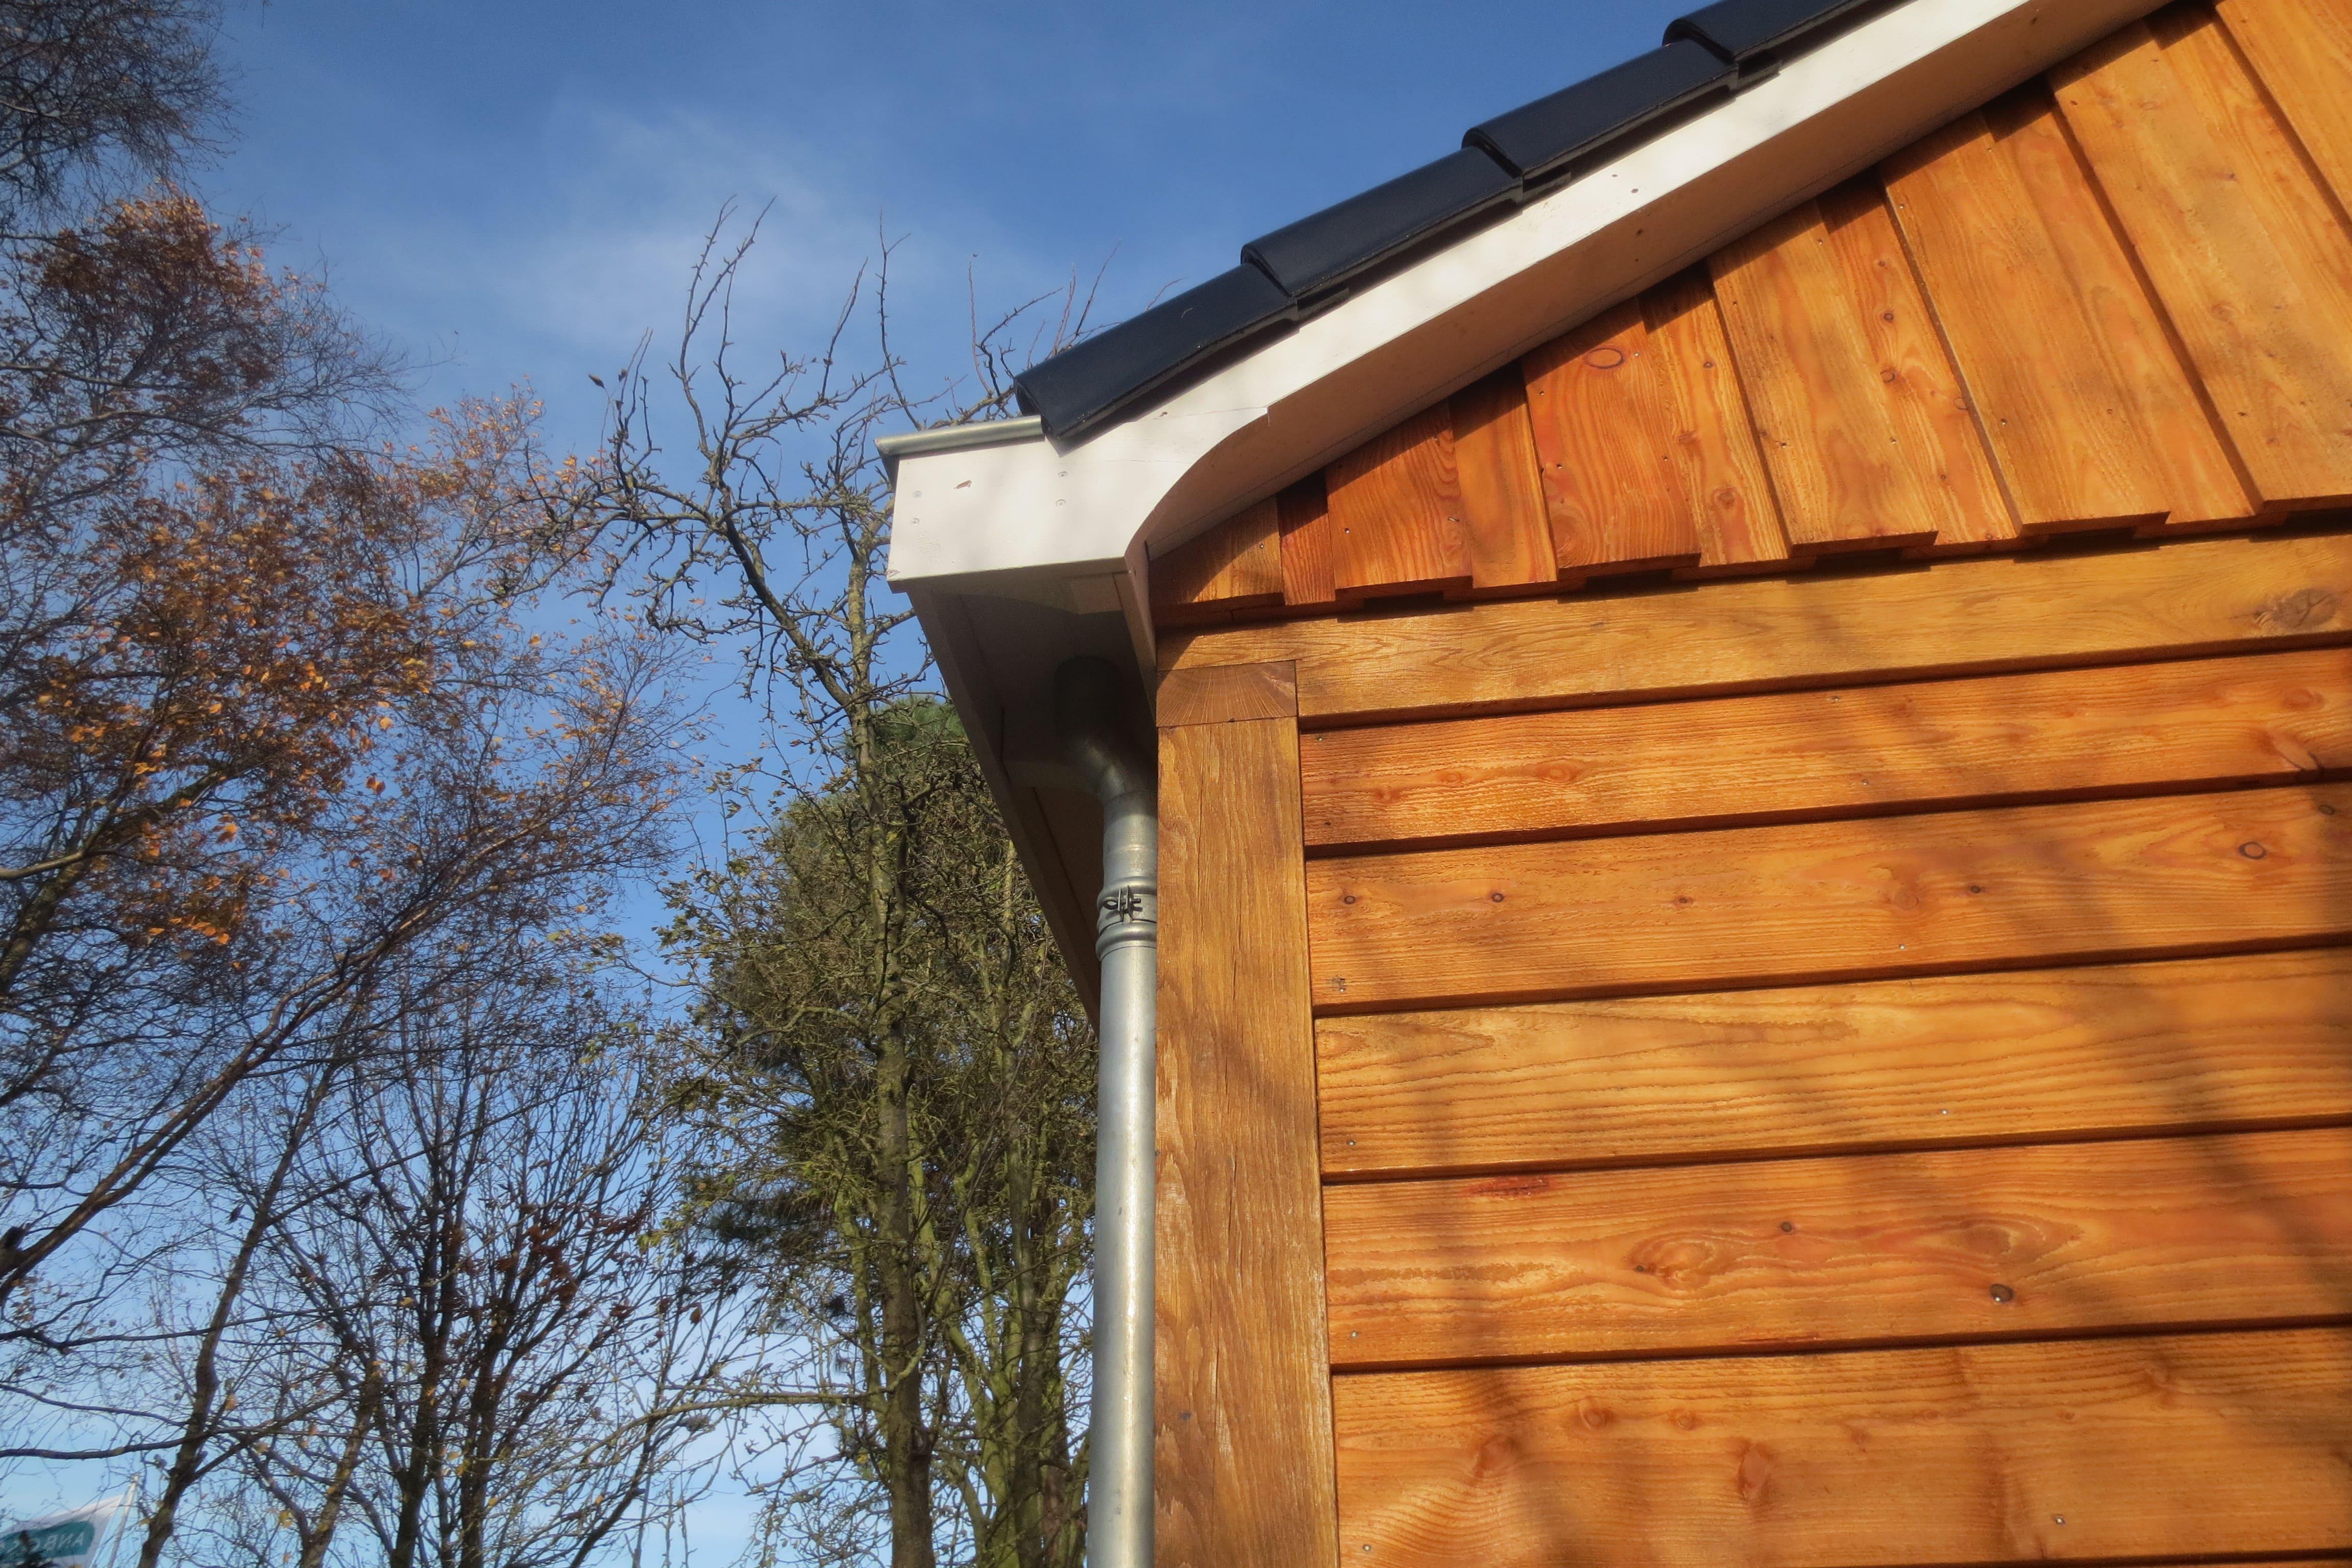 houten-garage-met-carport-9 - Project Enkhuizen: Houten garage met carport